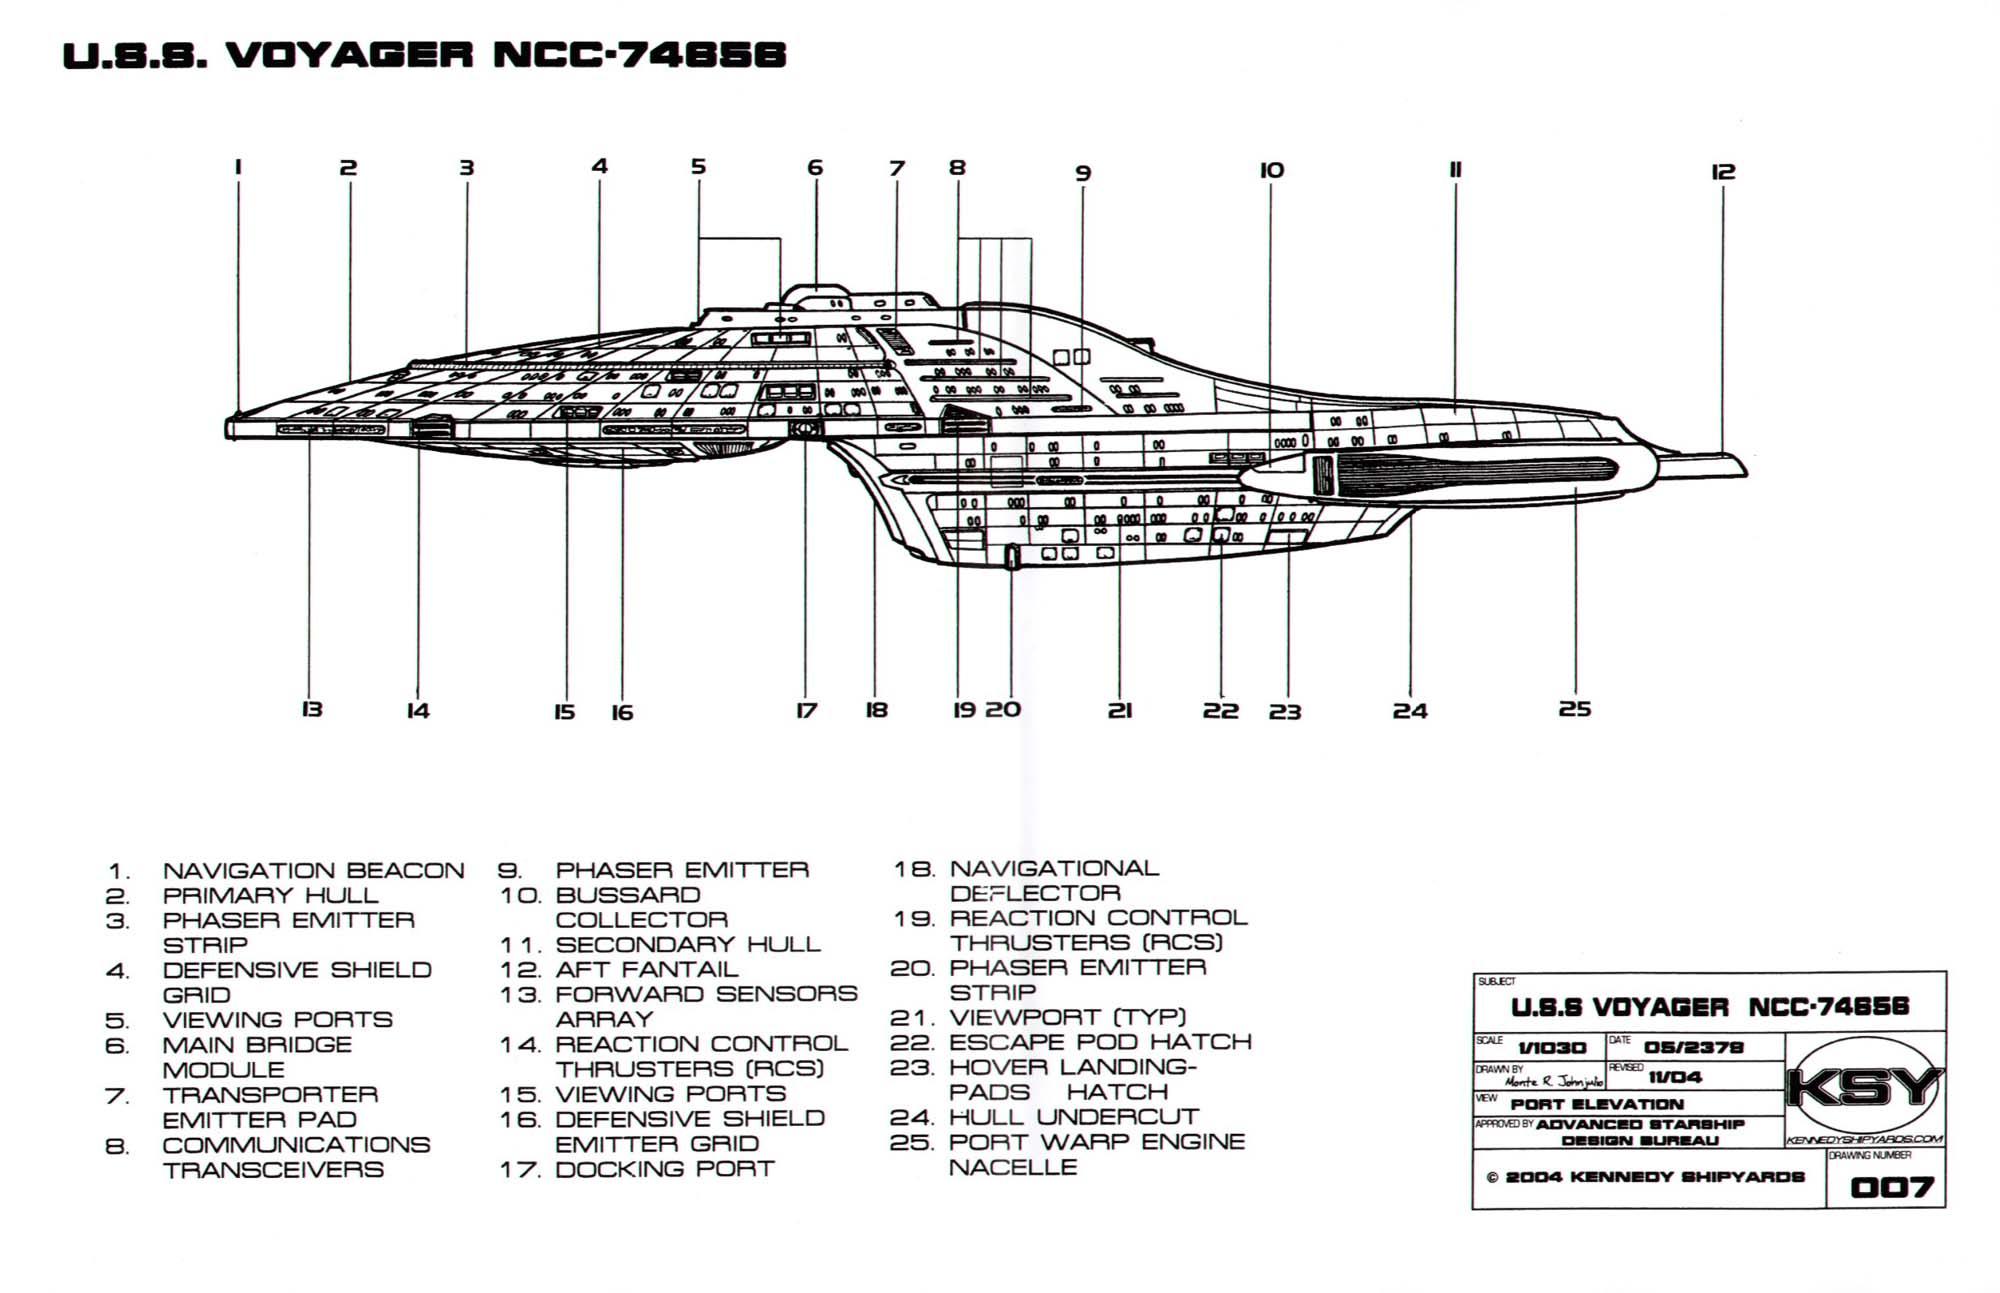 star trek blueprints intrepid class starship u s s voyager x-wing schematics voyager schematics #15